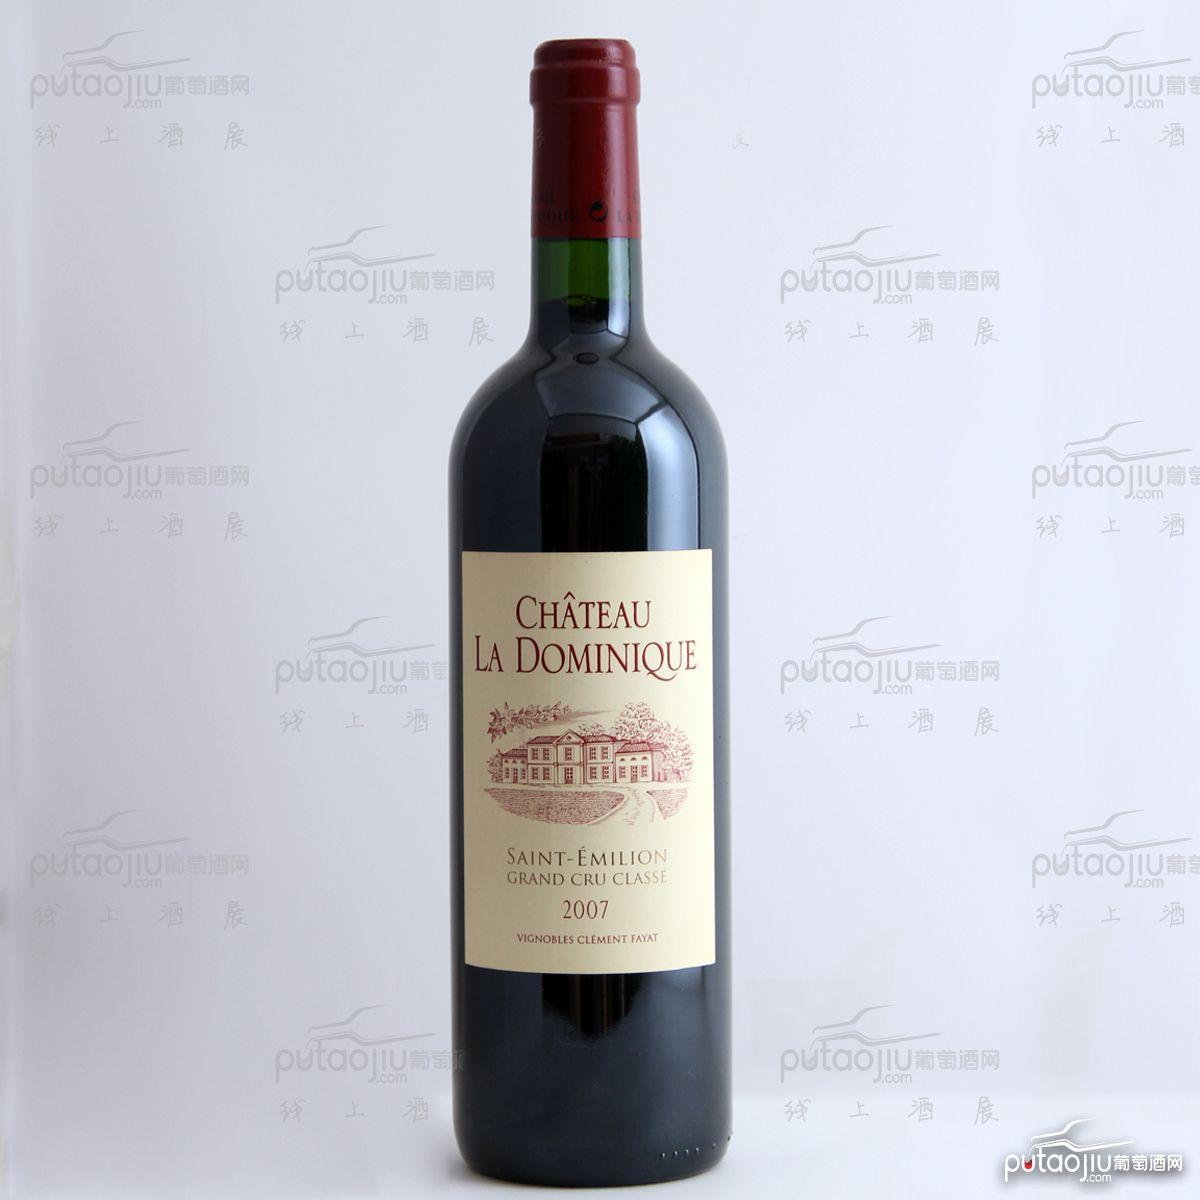 法国圣埃美隆多米尼克城堡混酿AOC法定产区干红葡萄酒